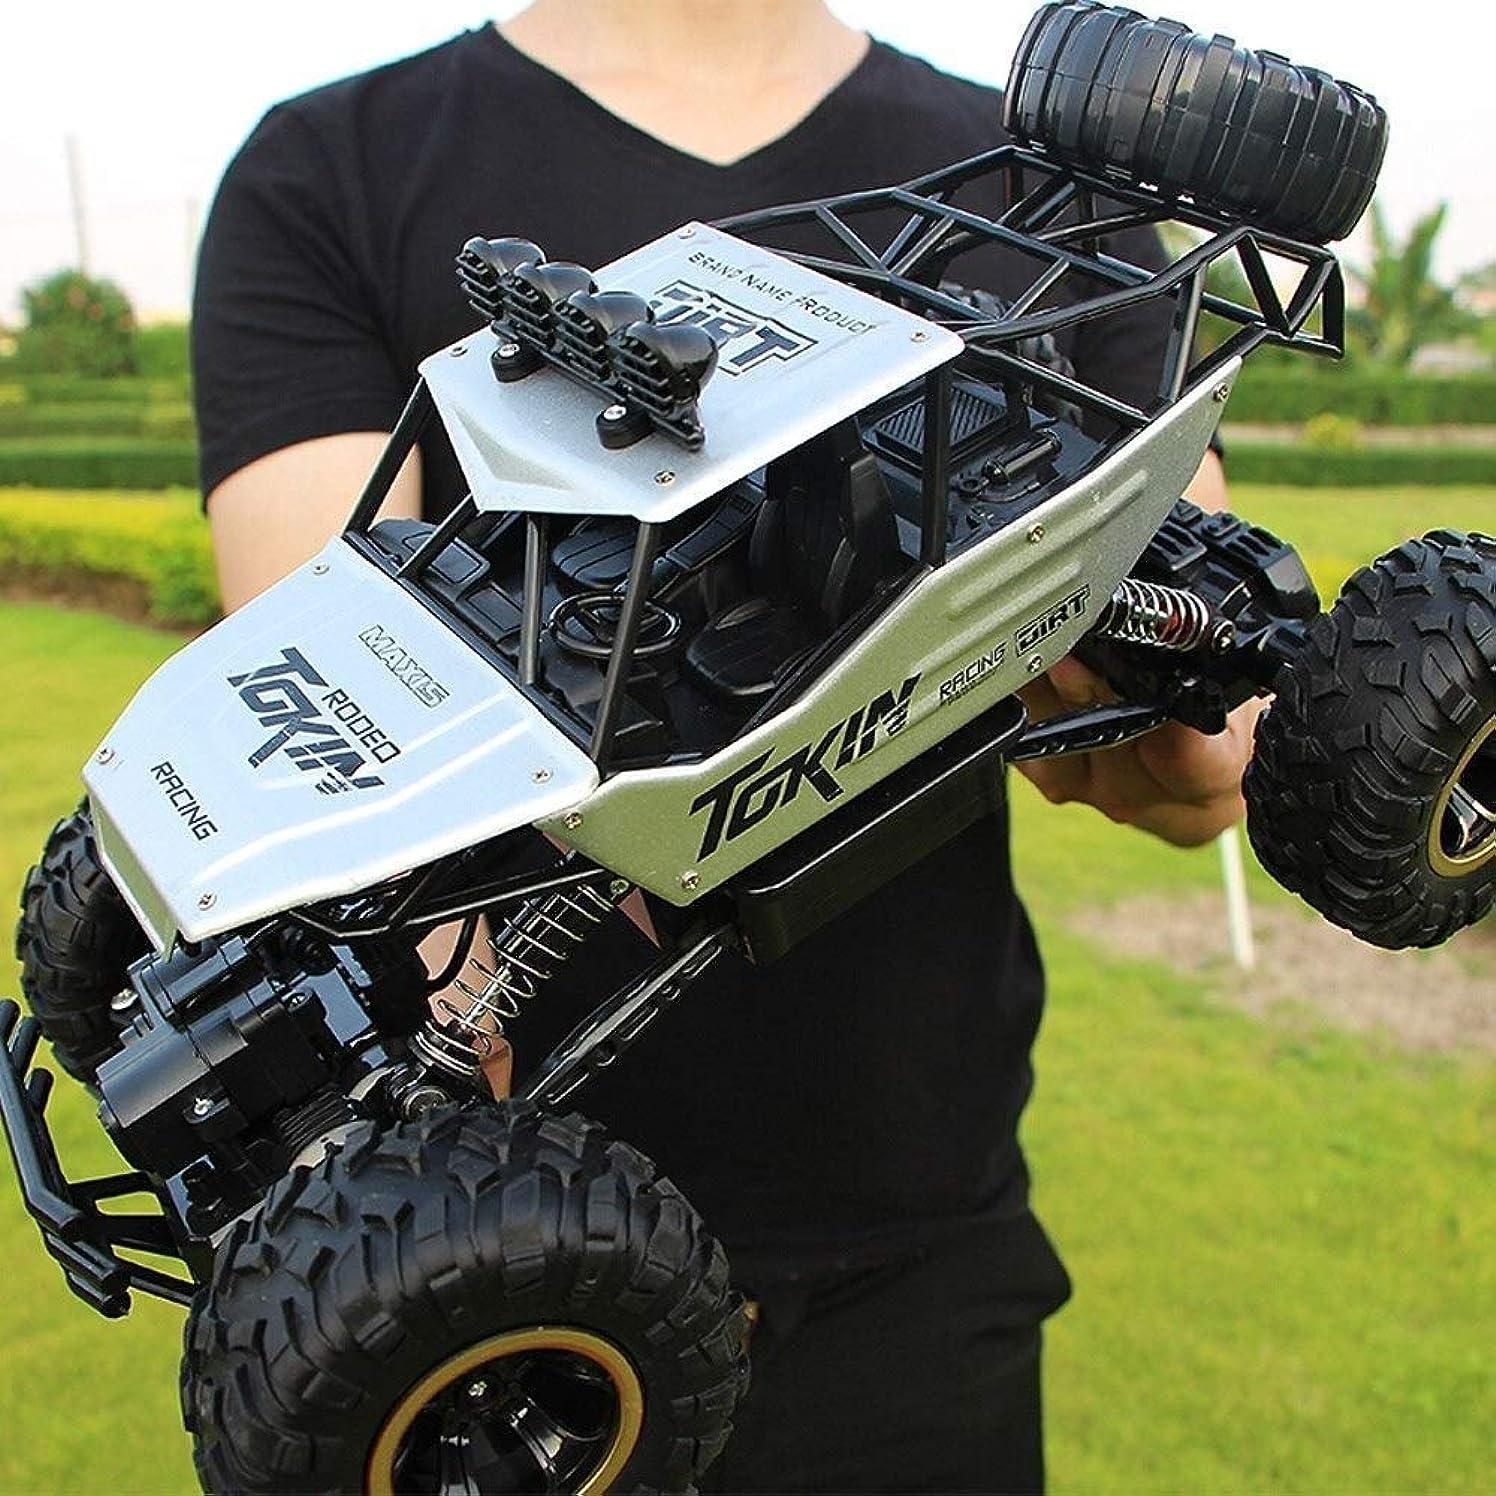 バレーボール彼女自身忠誠Zhangl 強力なクライミング能力ベストギフトのために子供と大人では2.4GHzの全地形合金オフロード車4WD高速充電式車の強力なプルバックモーター1時12スケールのRCリモートコントロールバギー